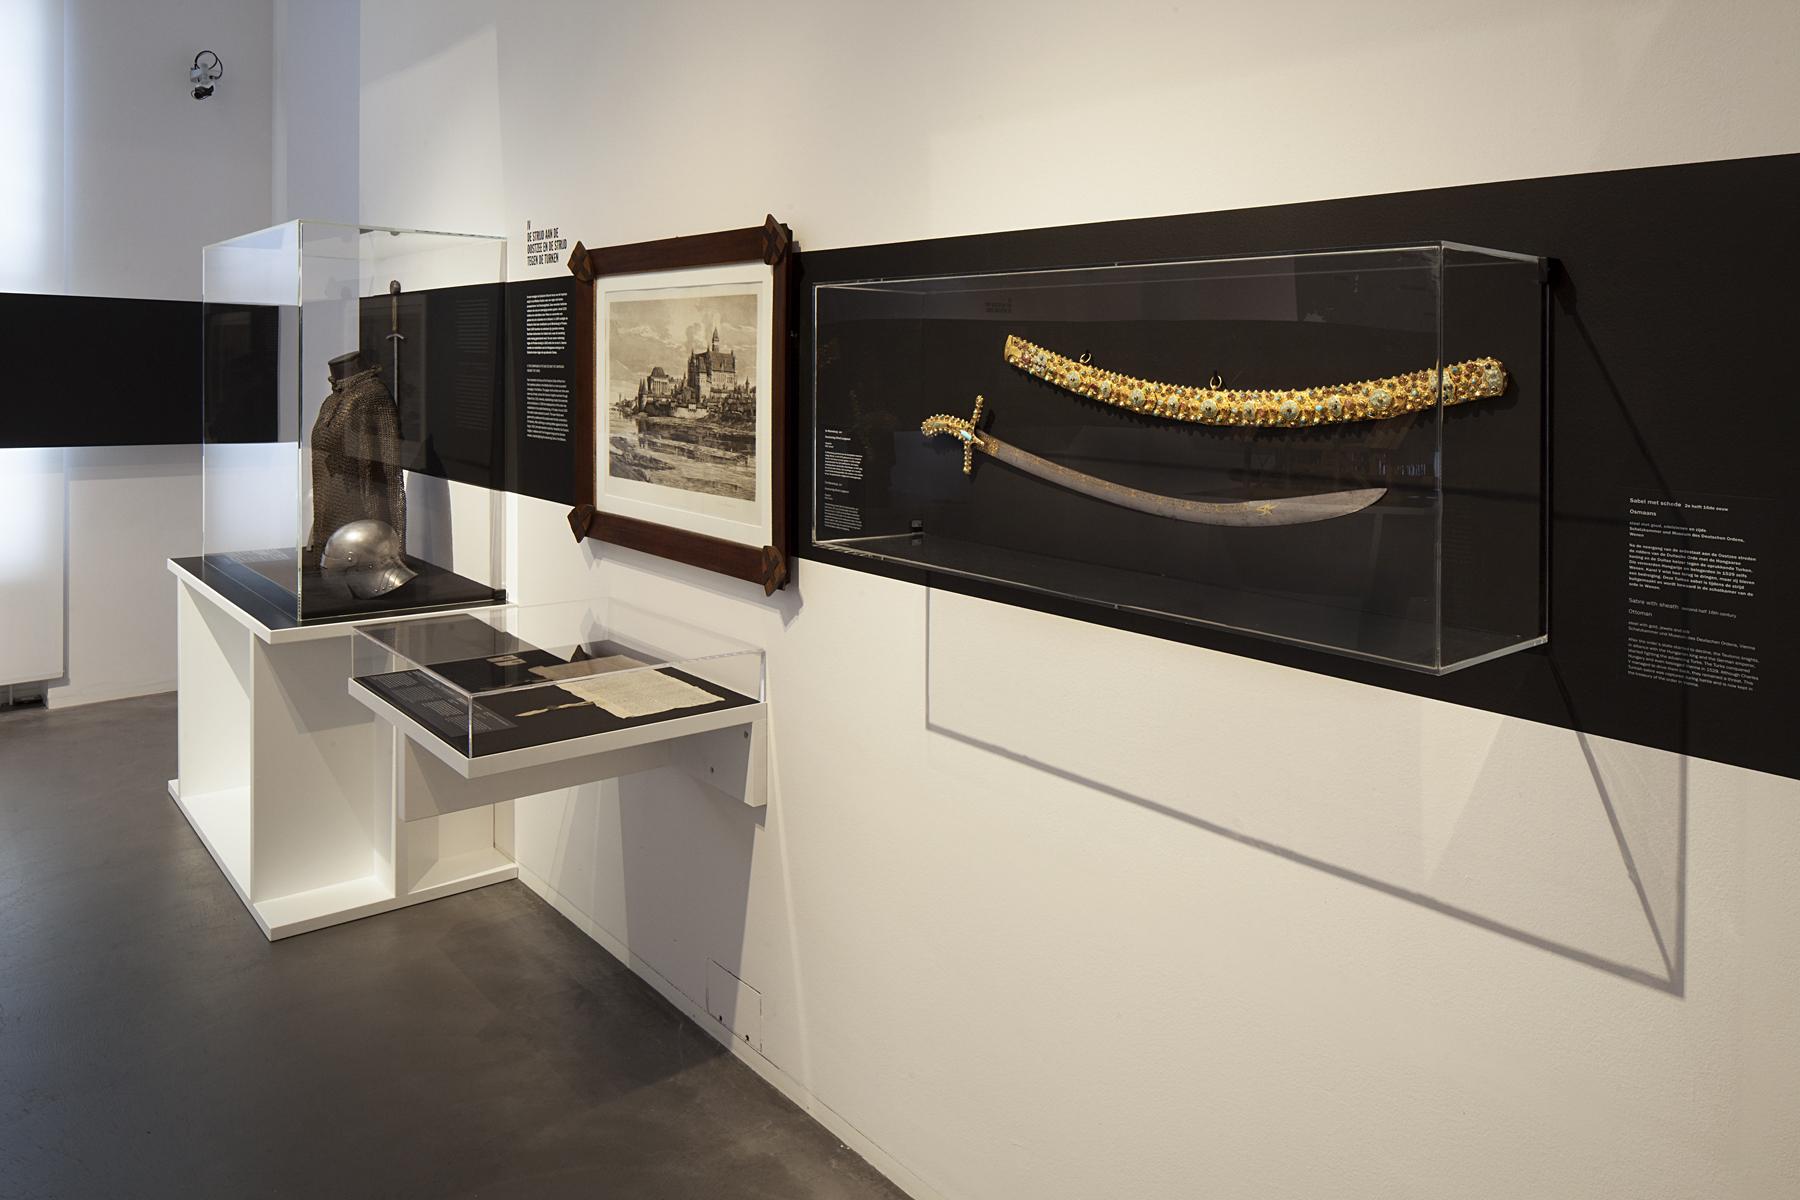 tentoonstellingsontwerp kruivaarders en weldoeners centraal museum 03 jpg